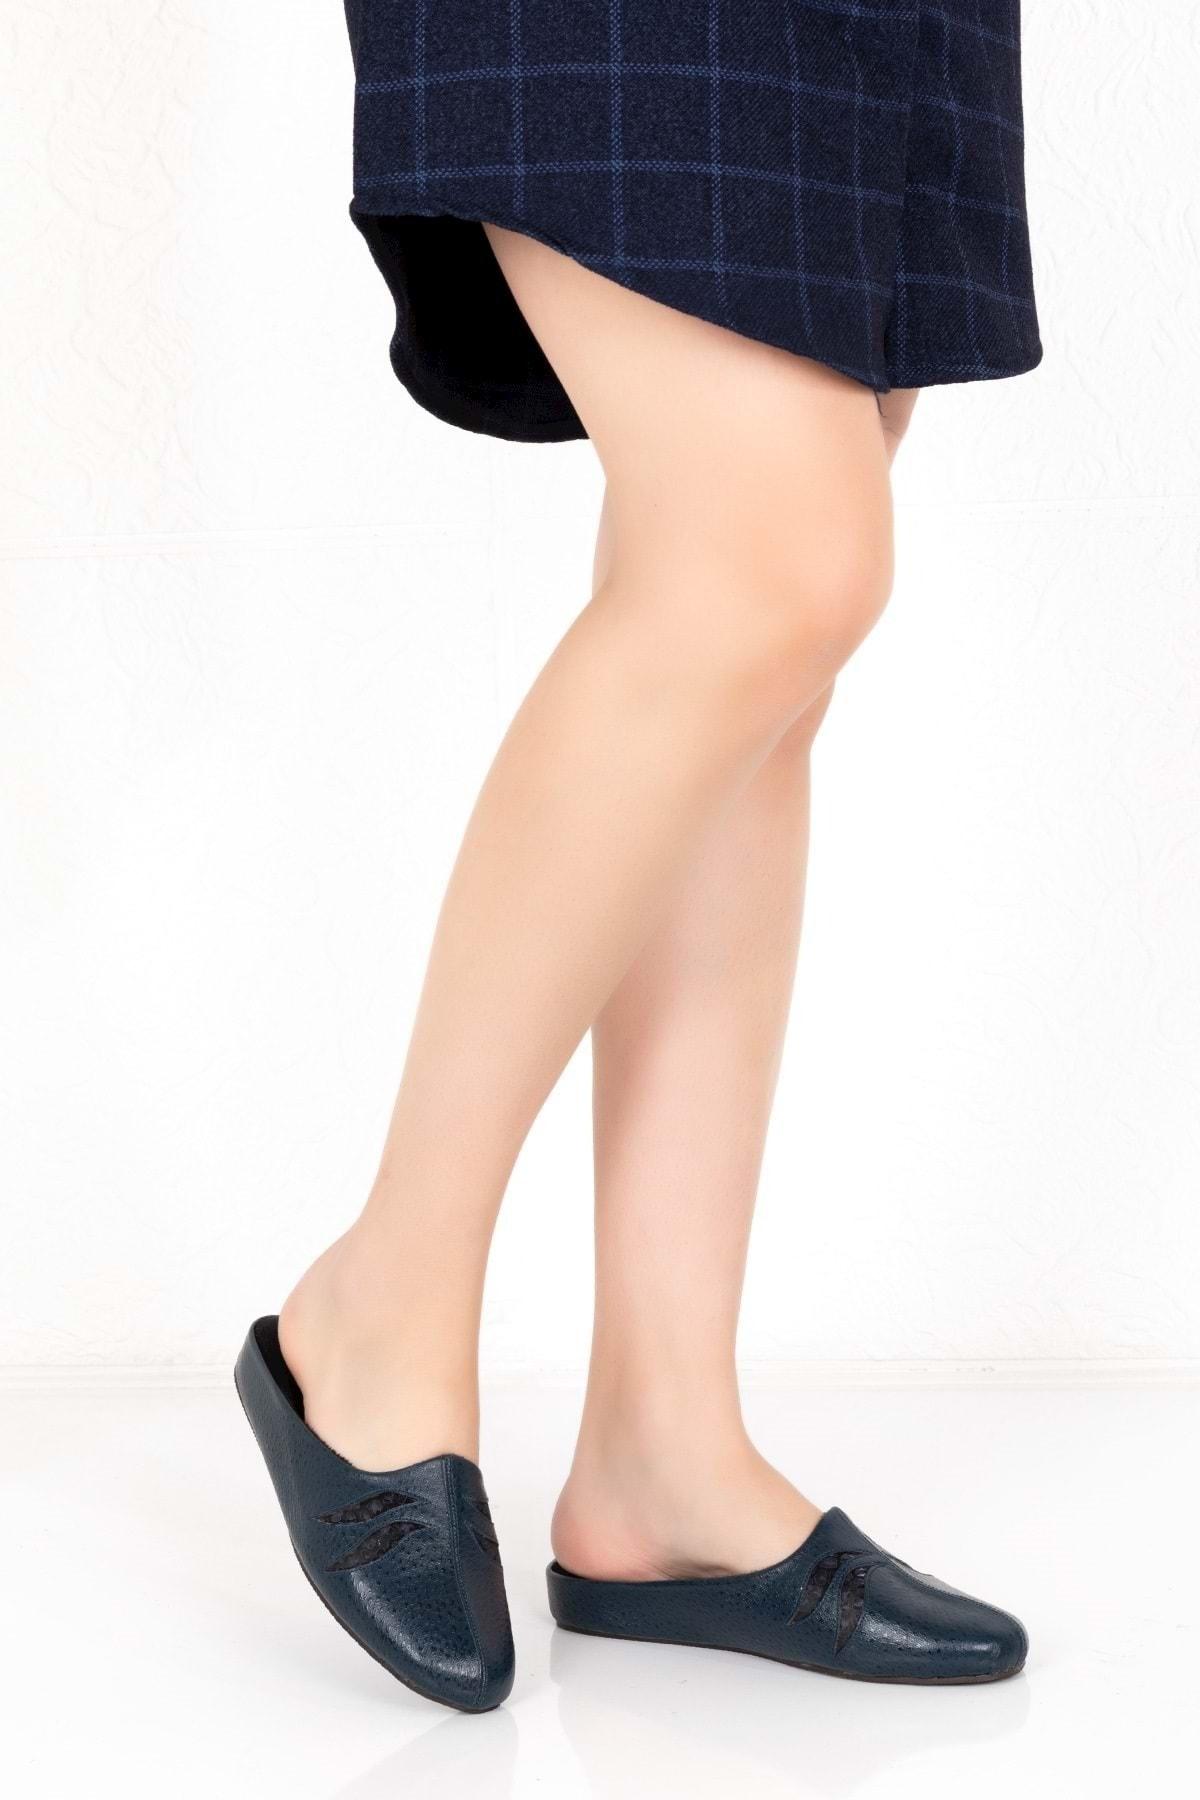 Gondol Kadın Lacivert Deri Comfort Ev Terliği Yprk.1001 1